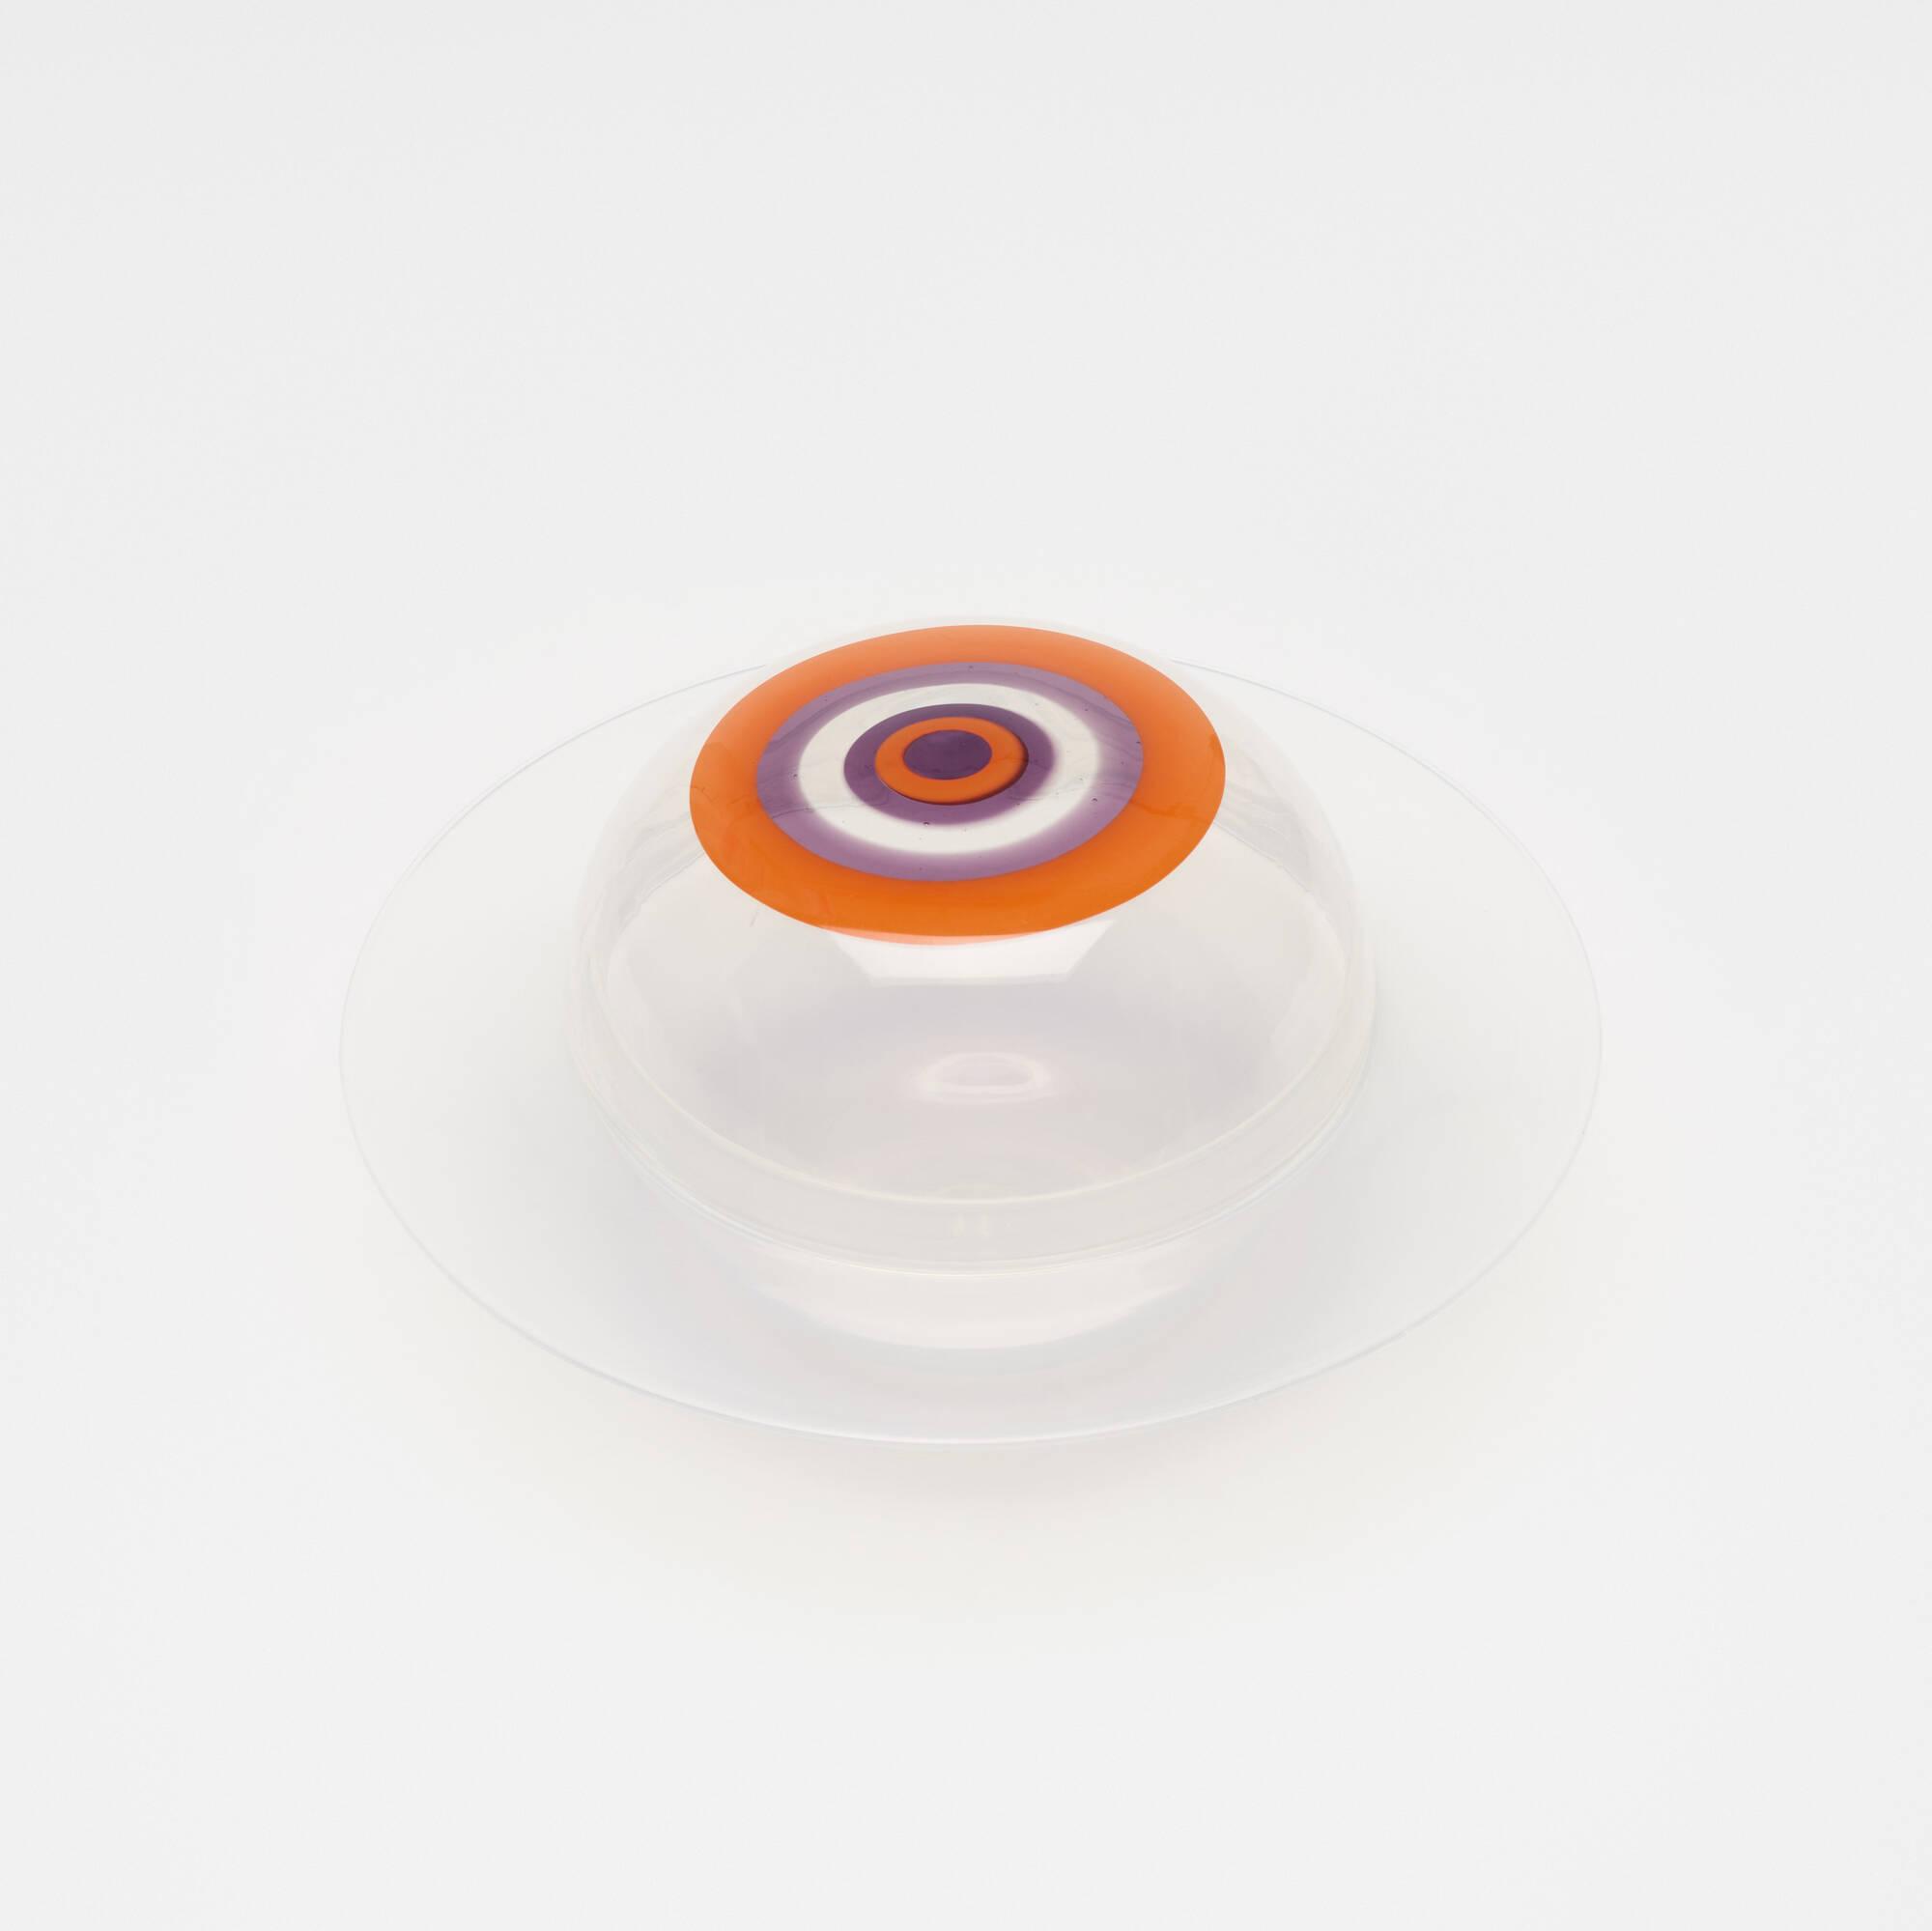 283: Lino Tagliapietra / Saturno bowl with lid (2 of 2)